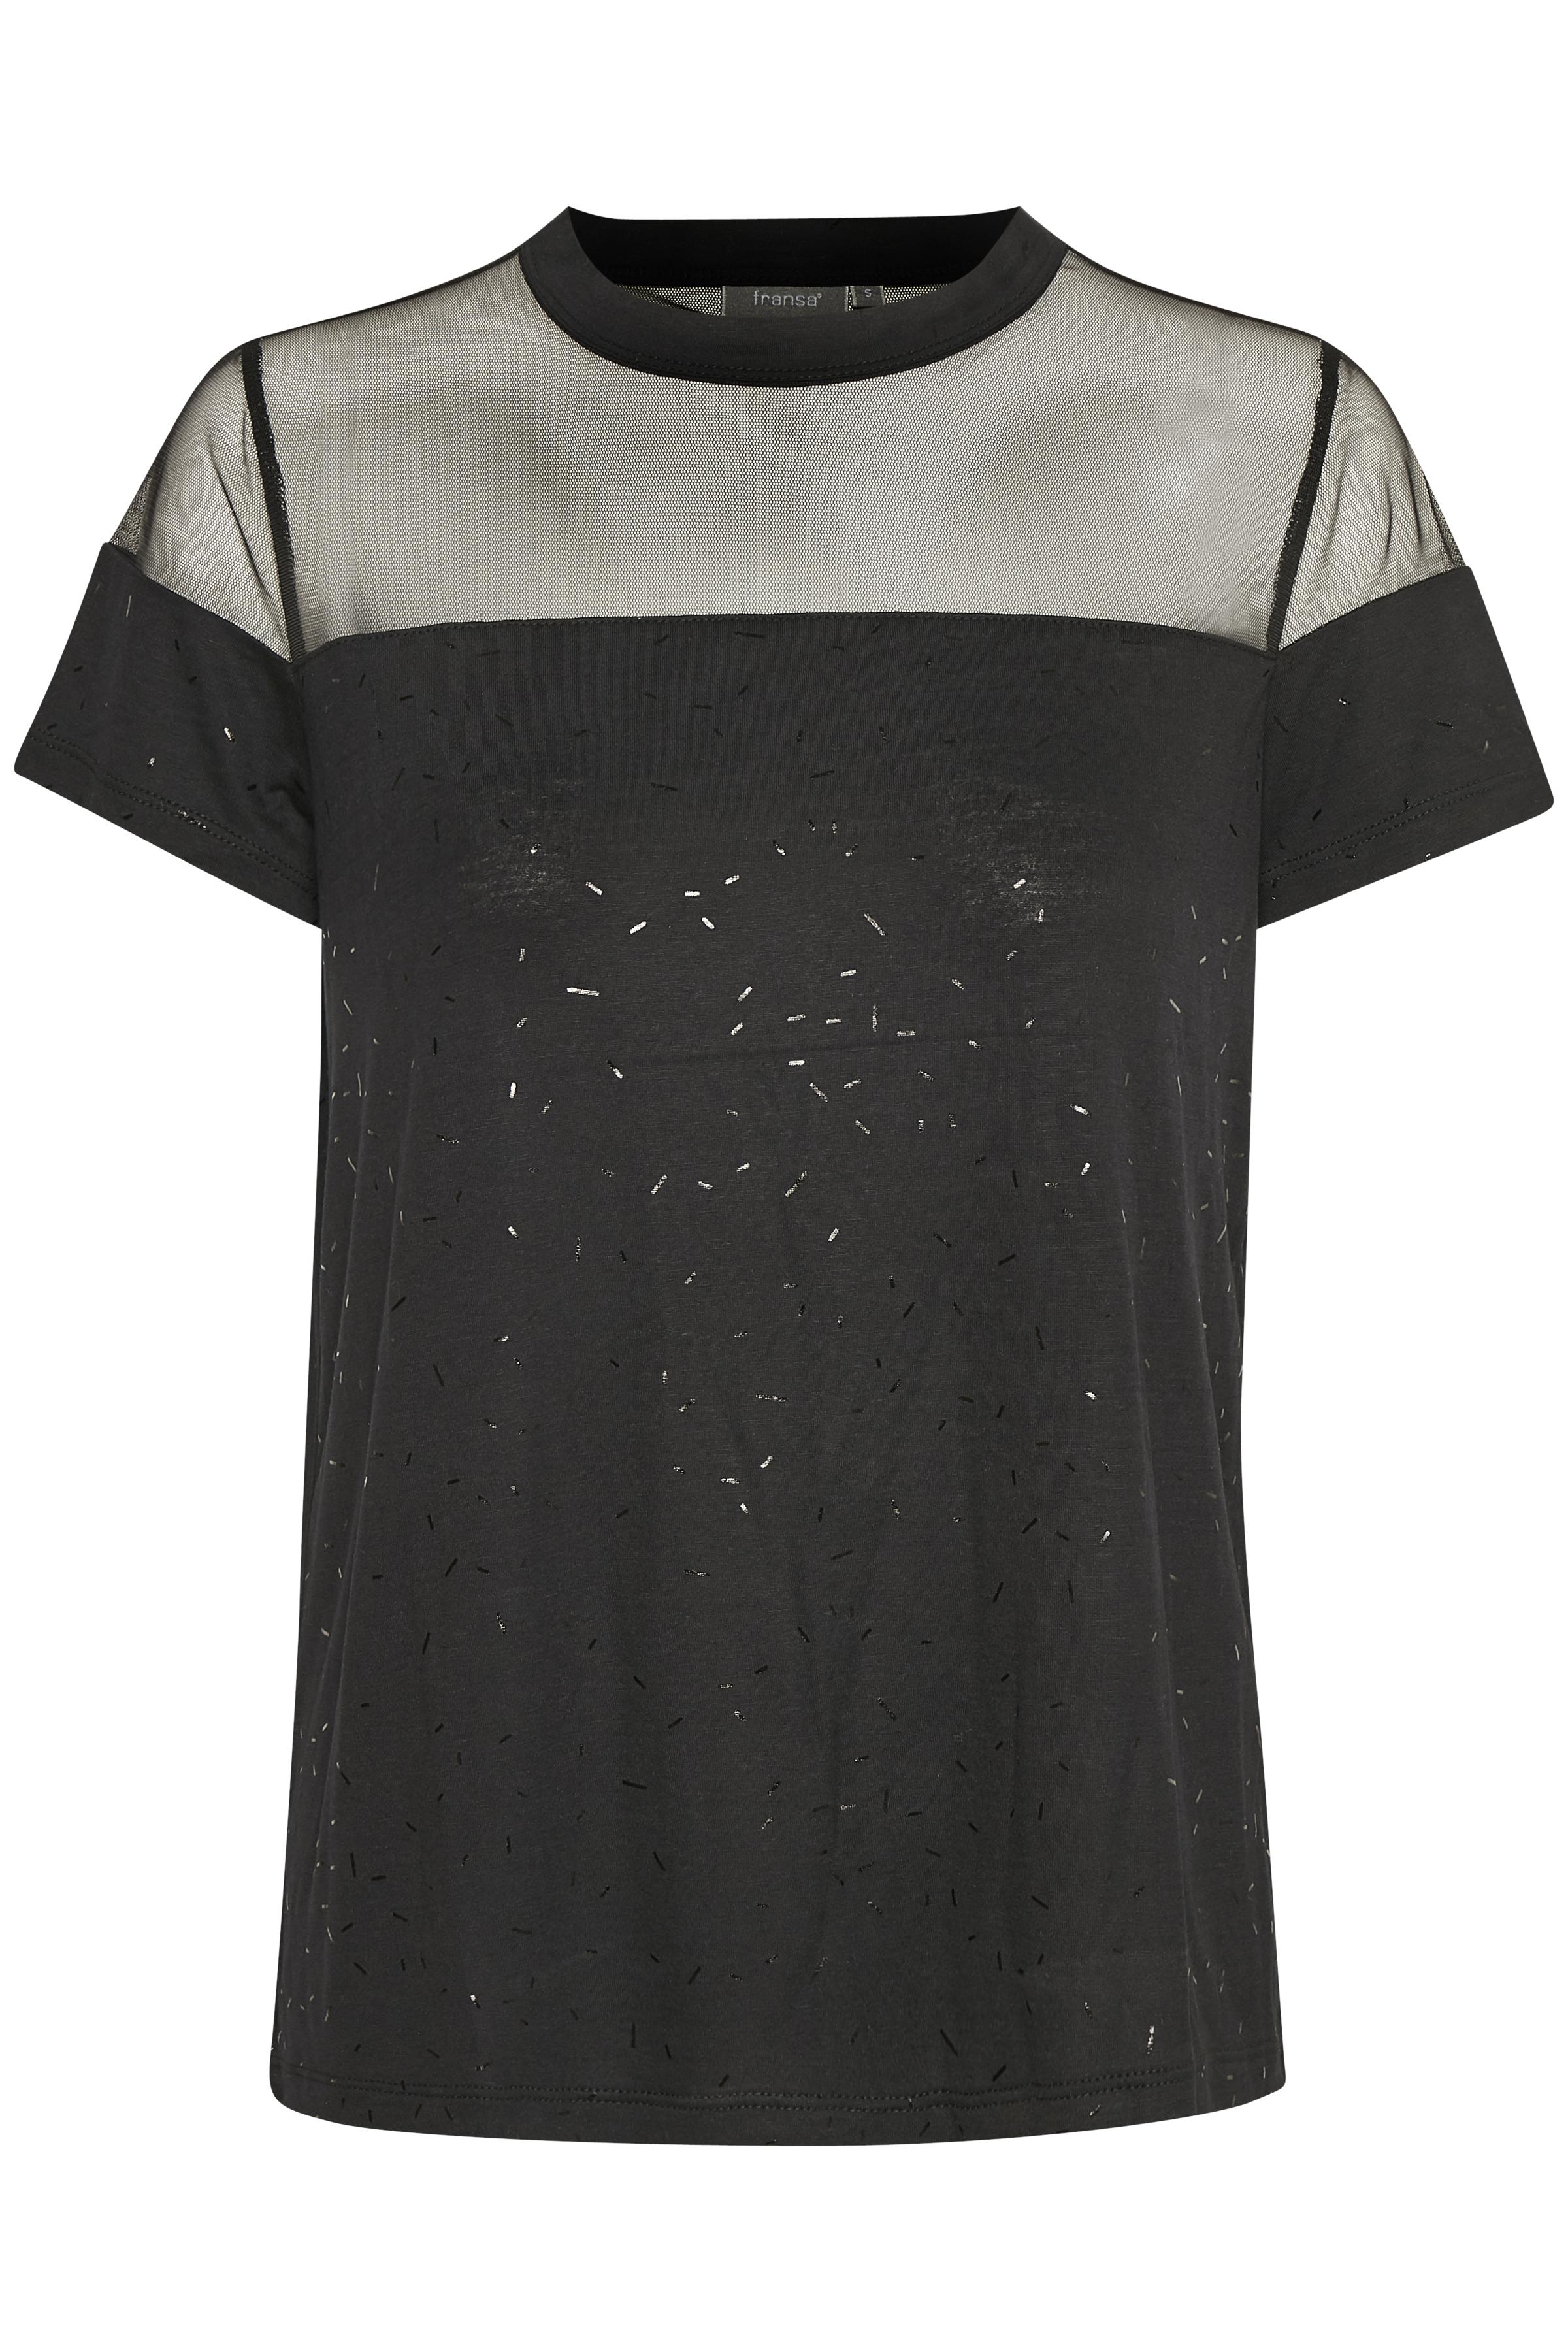 Sort Kortærmet bluse fra Fransa – Køb Sort Kortærmet bluse fra str. XS-XXL her